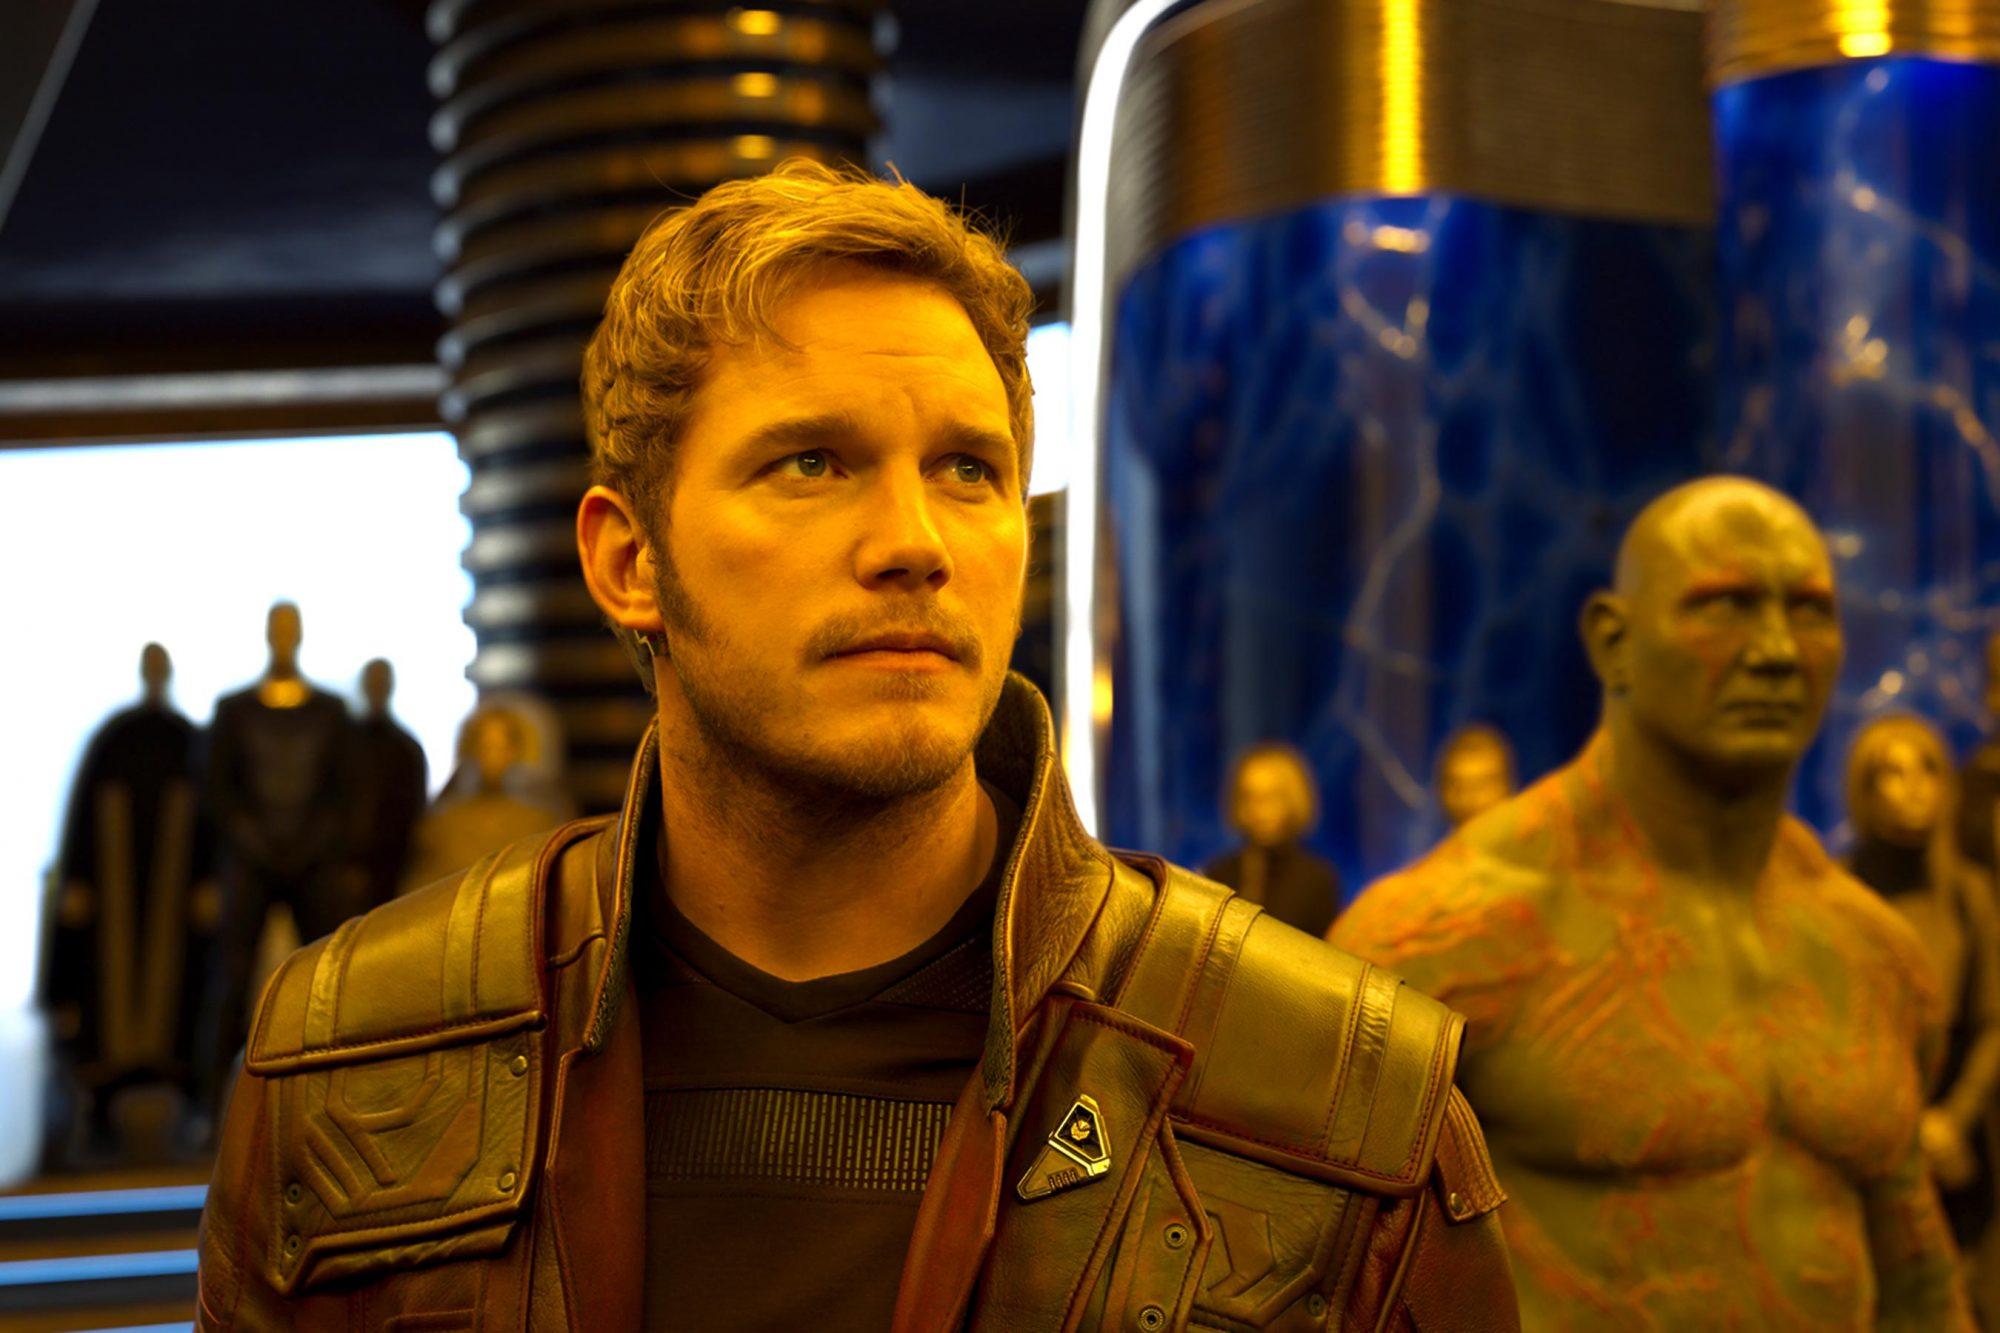 Amazon quer comprar épico sci-fi de Chris Pratt por US$ 200 milhões